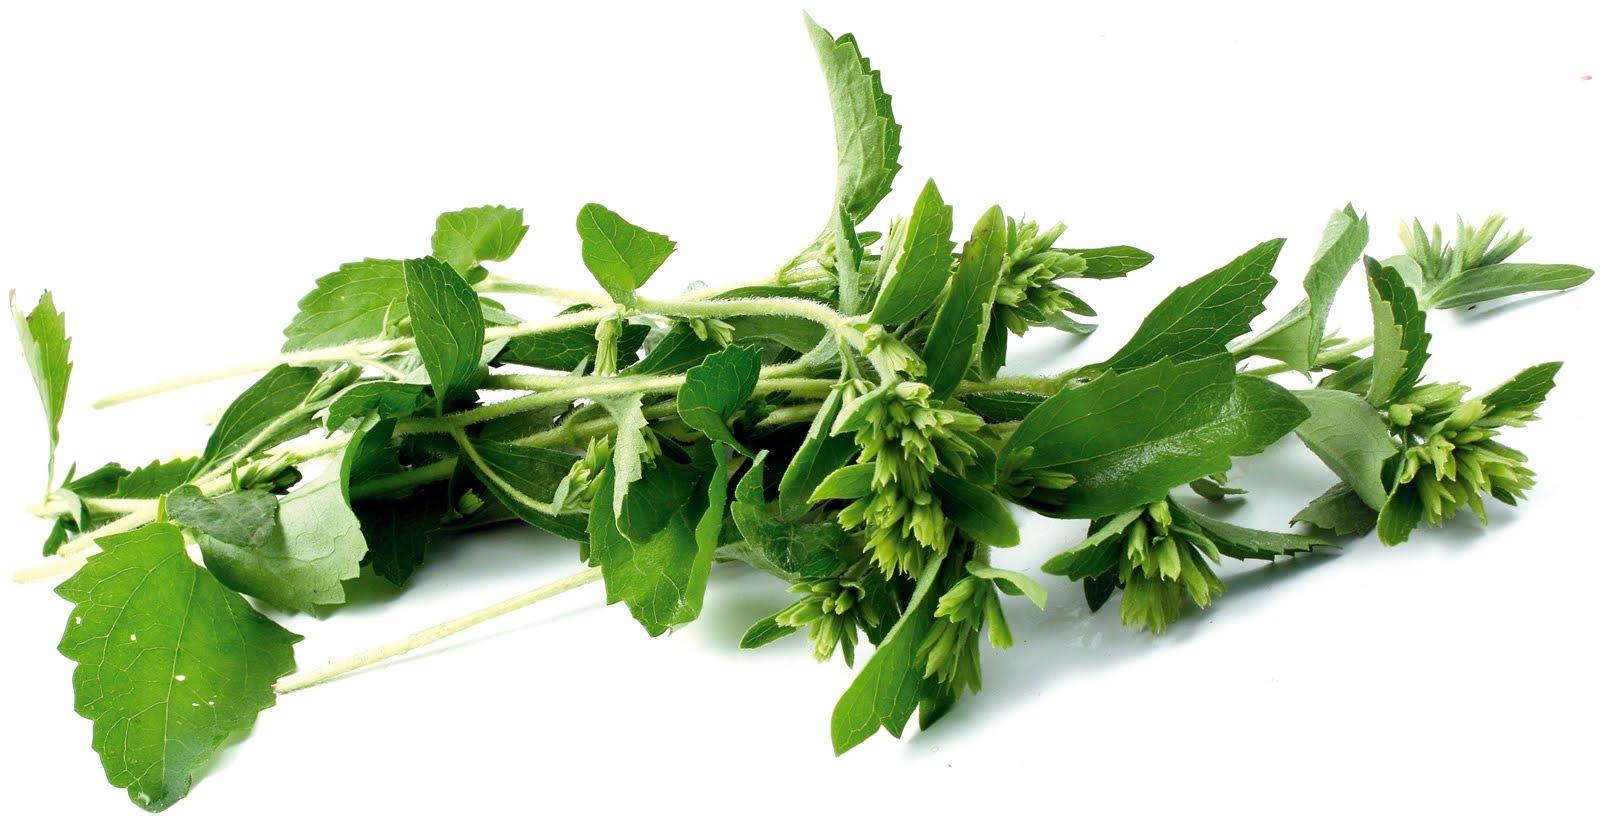 Con qué otros nombres se conoce la Stevia rebaudiana